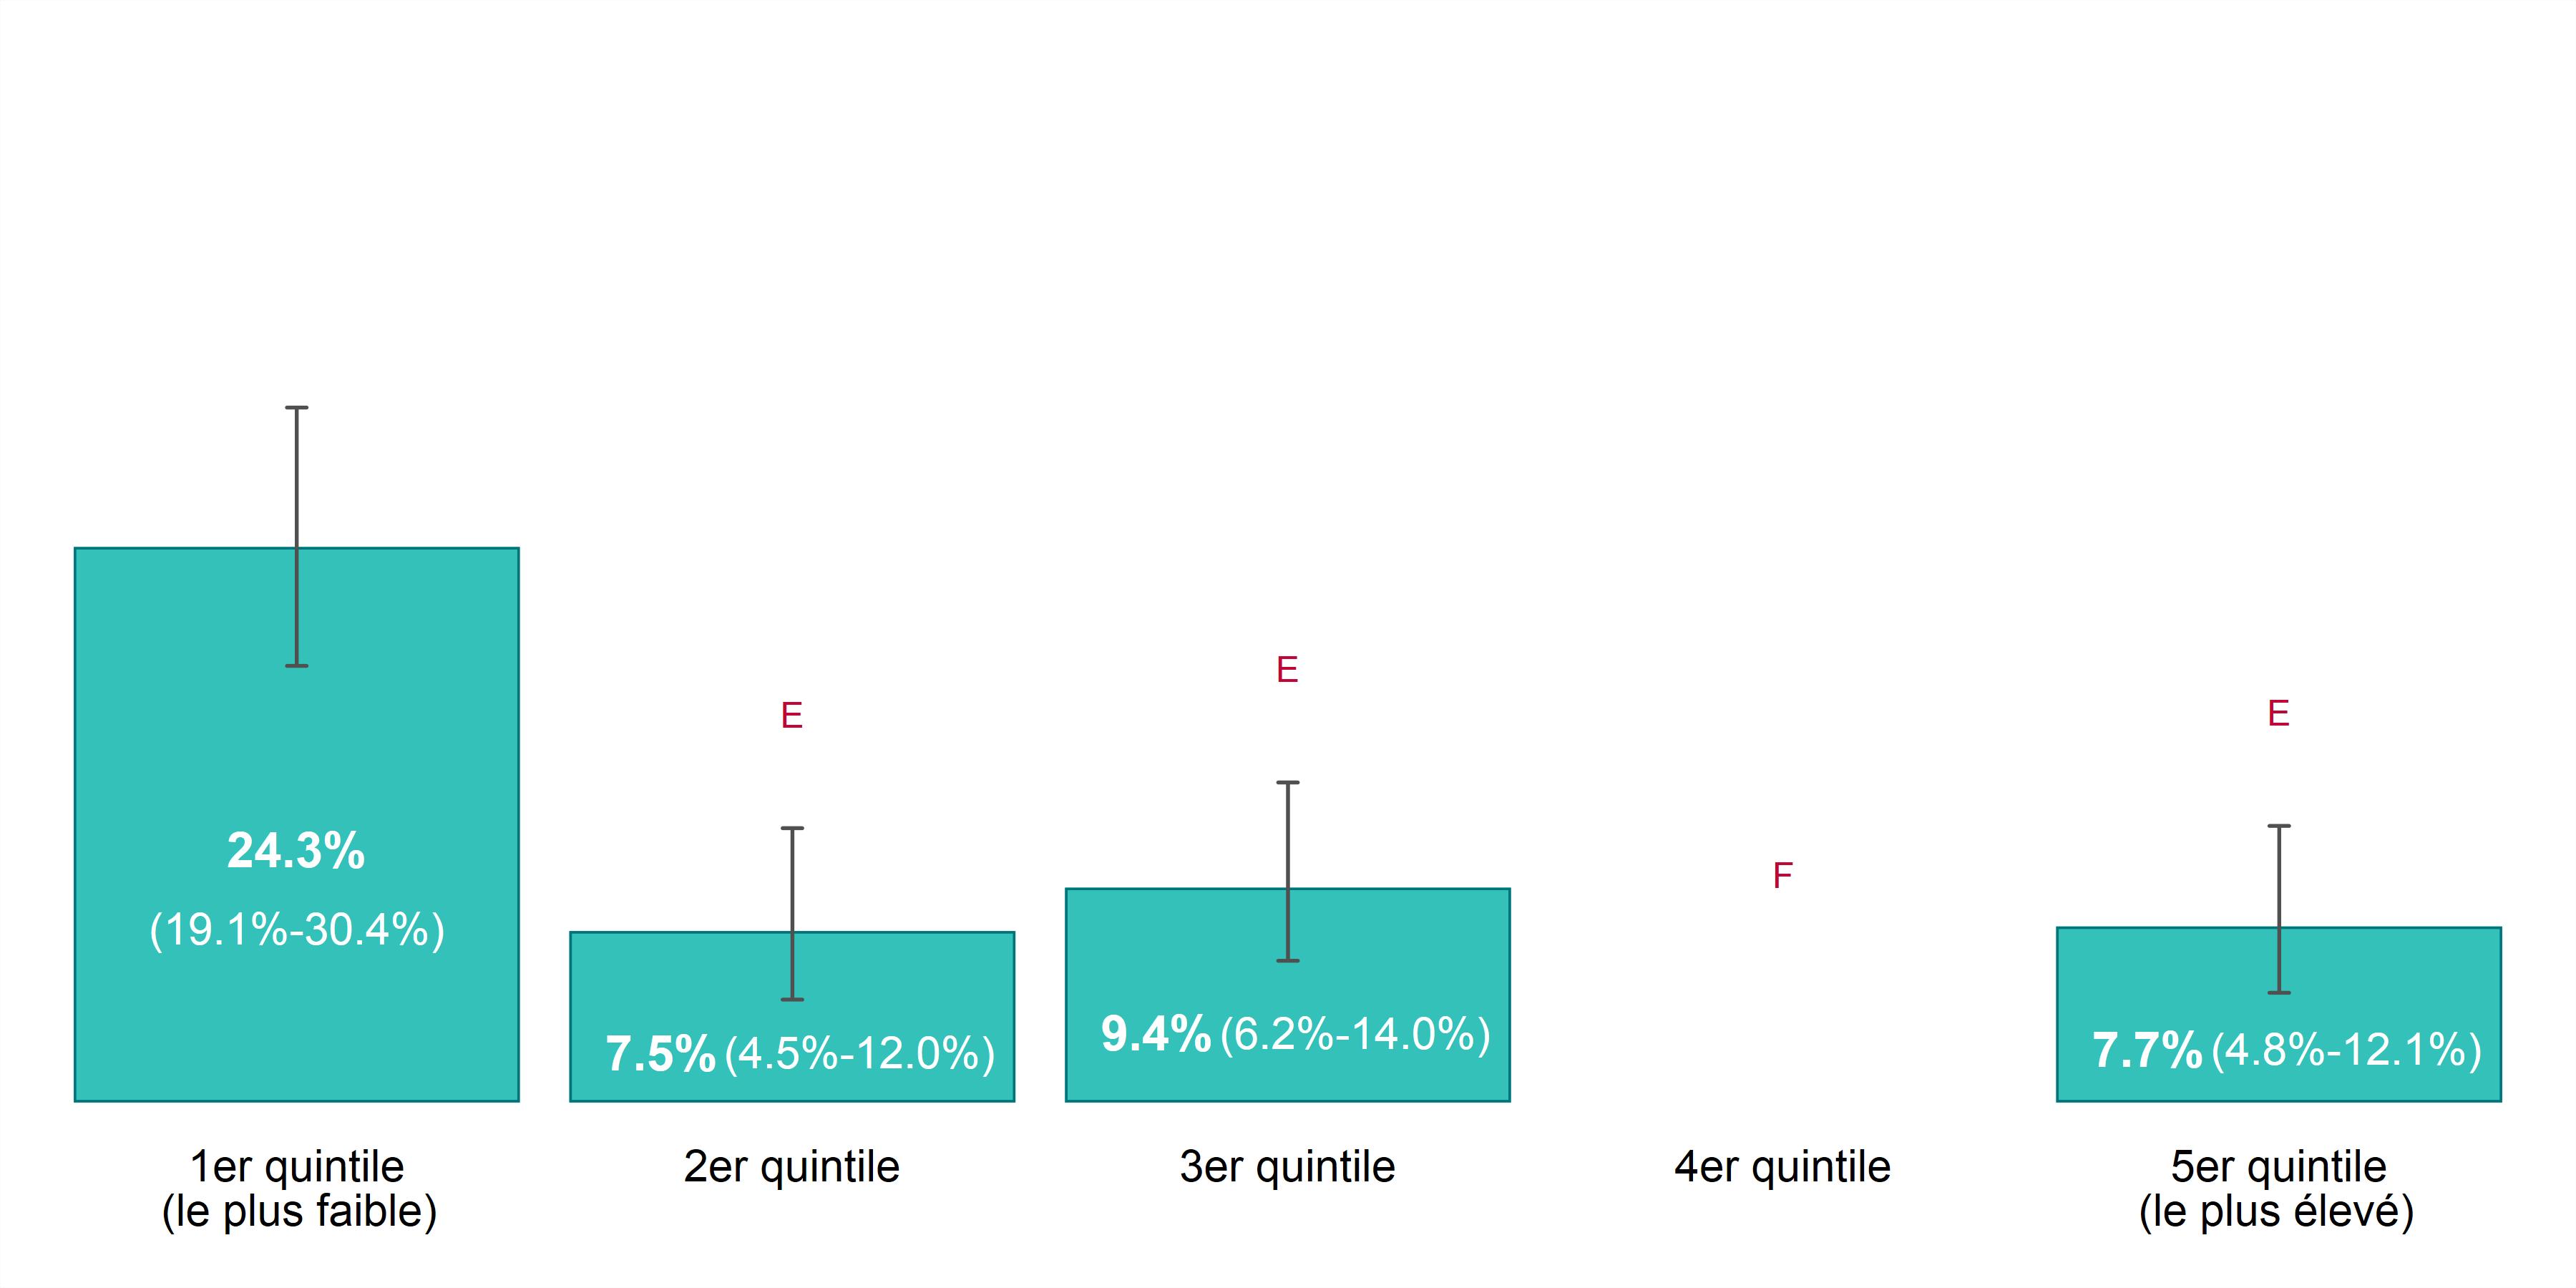 Ce graphique à barres illustre le taux de prévalence pour les troubles anxieux, selon l'année et le revenu du ménage, chez les 12 ans ou plus, dans Sudbury et districts, de 2011 à 2014. Les données pour ce graphique se trouvent dans le tableau ci-dessous.